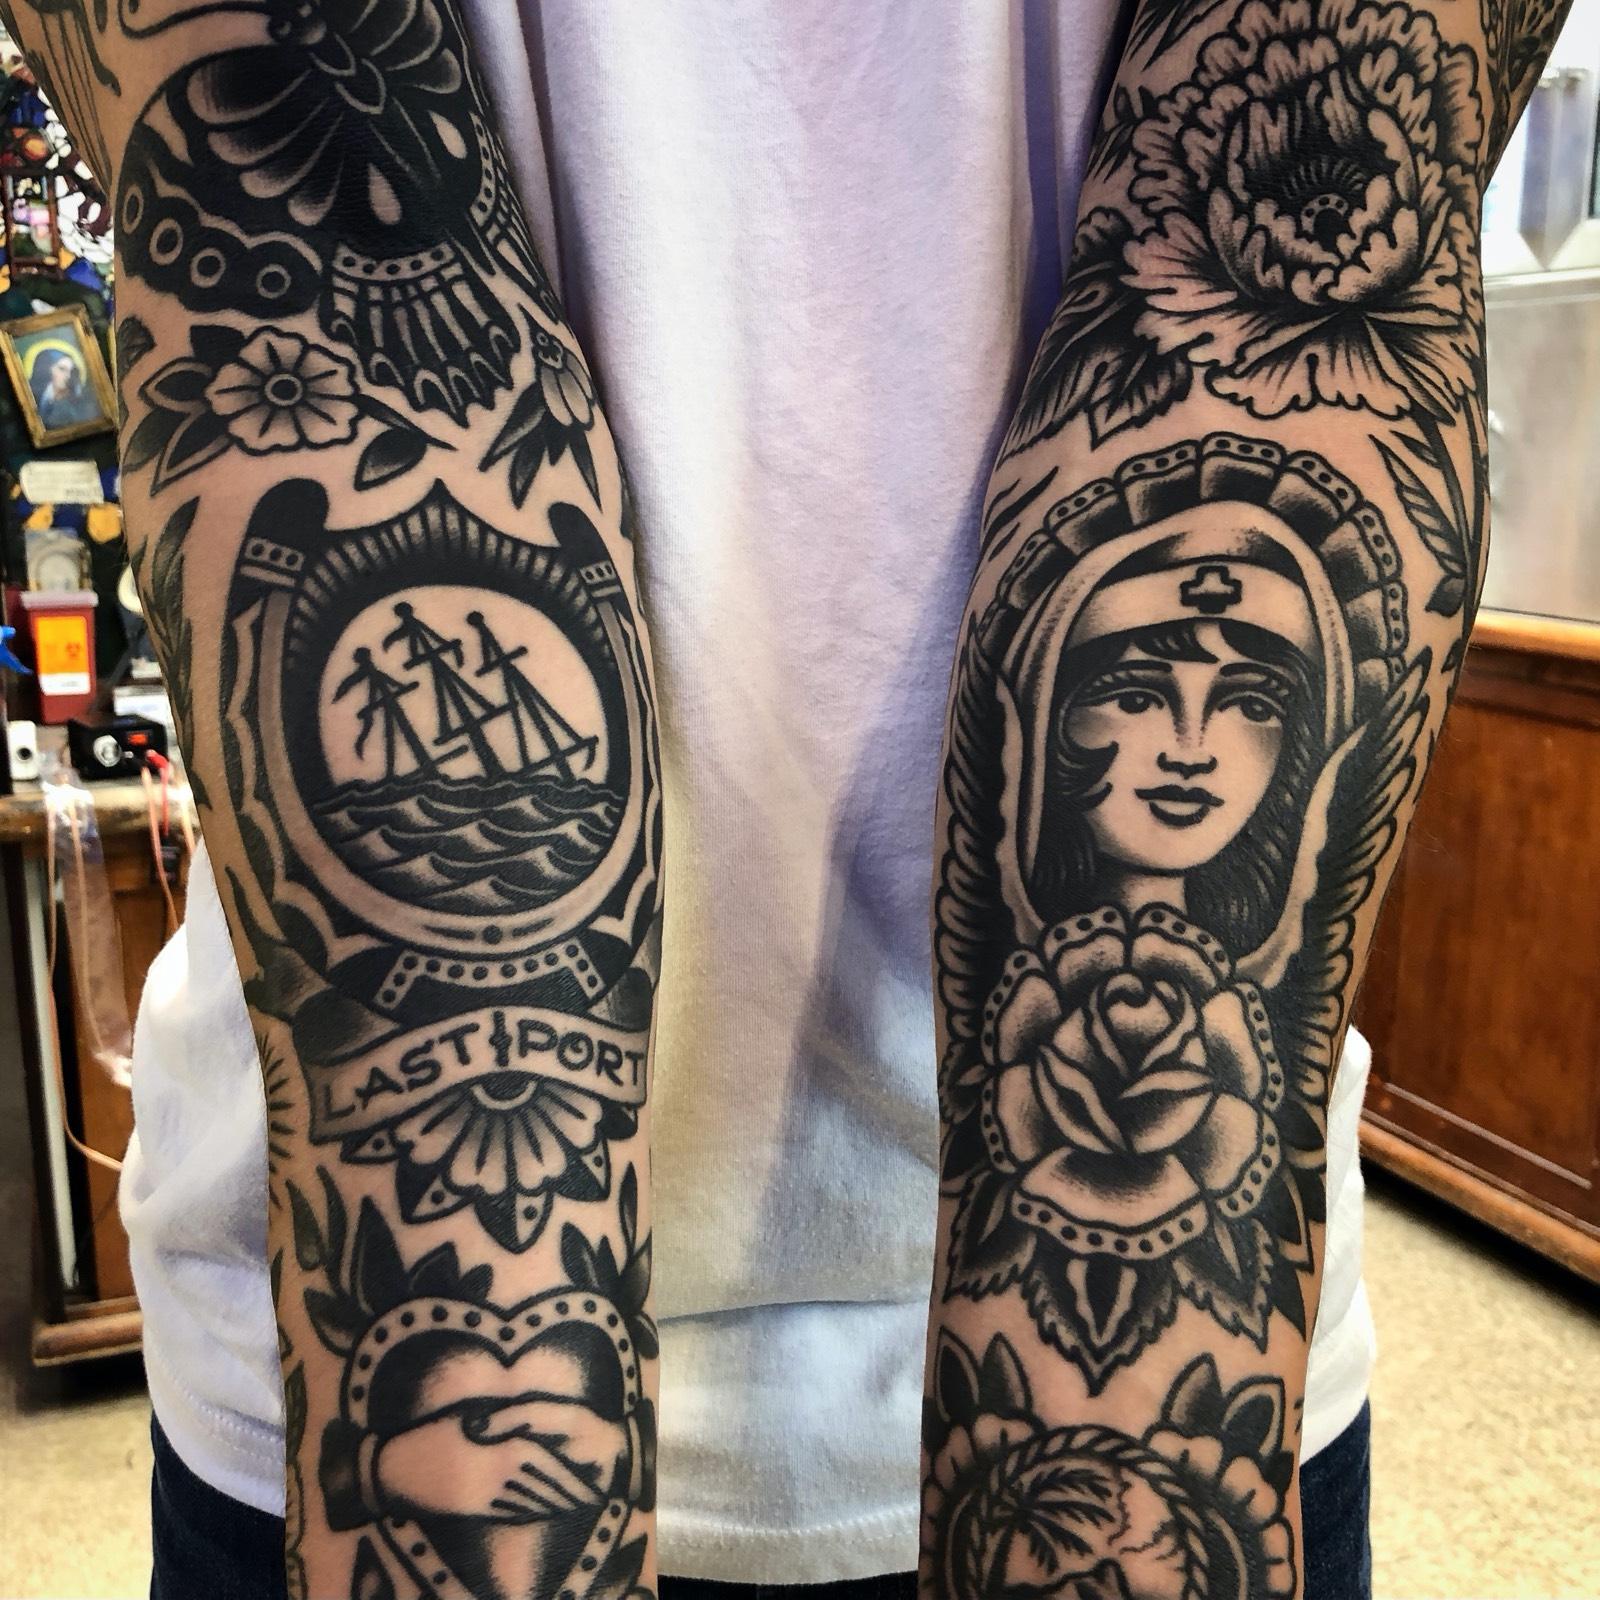 Paul-Dobleman-black-heart-tattoo-8-2020